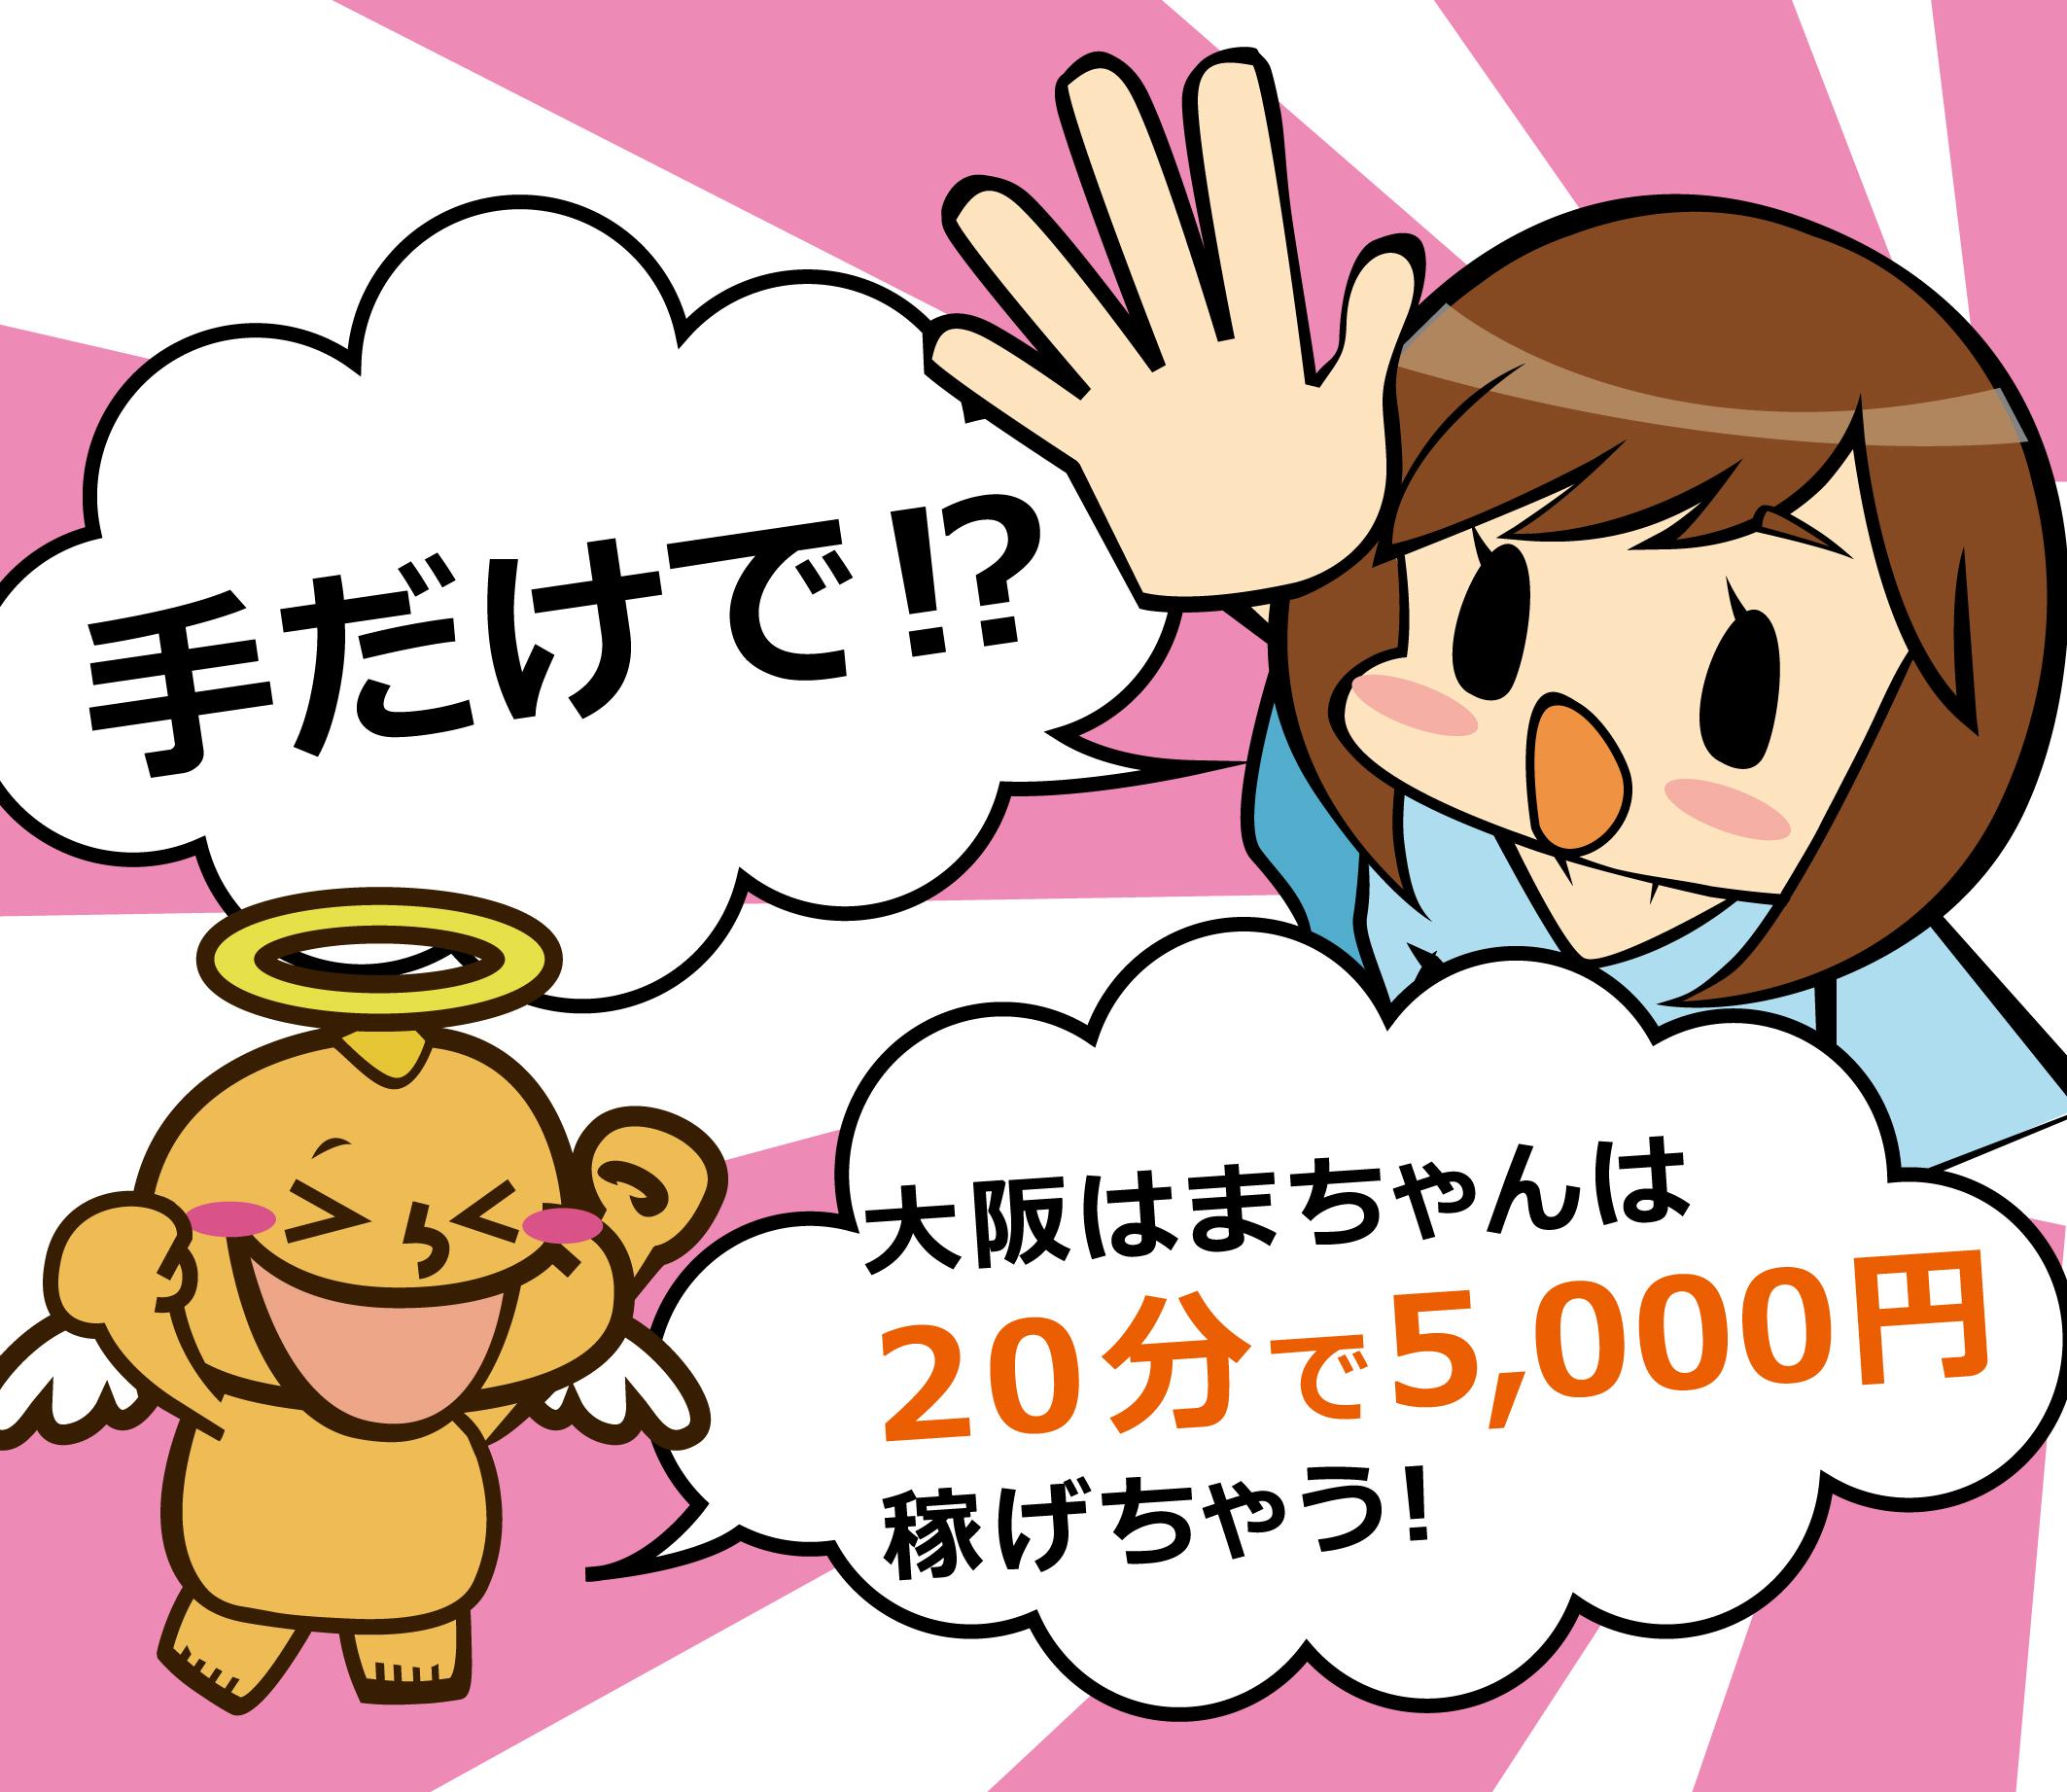 テコちゃん求人漫画8